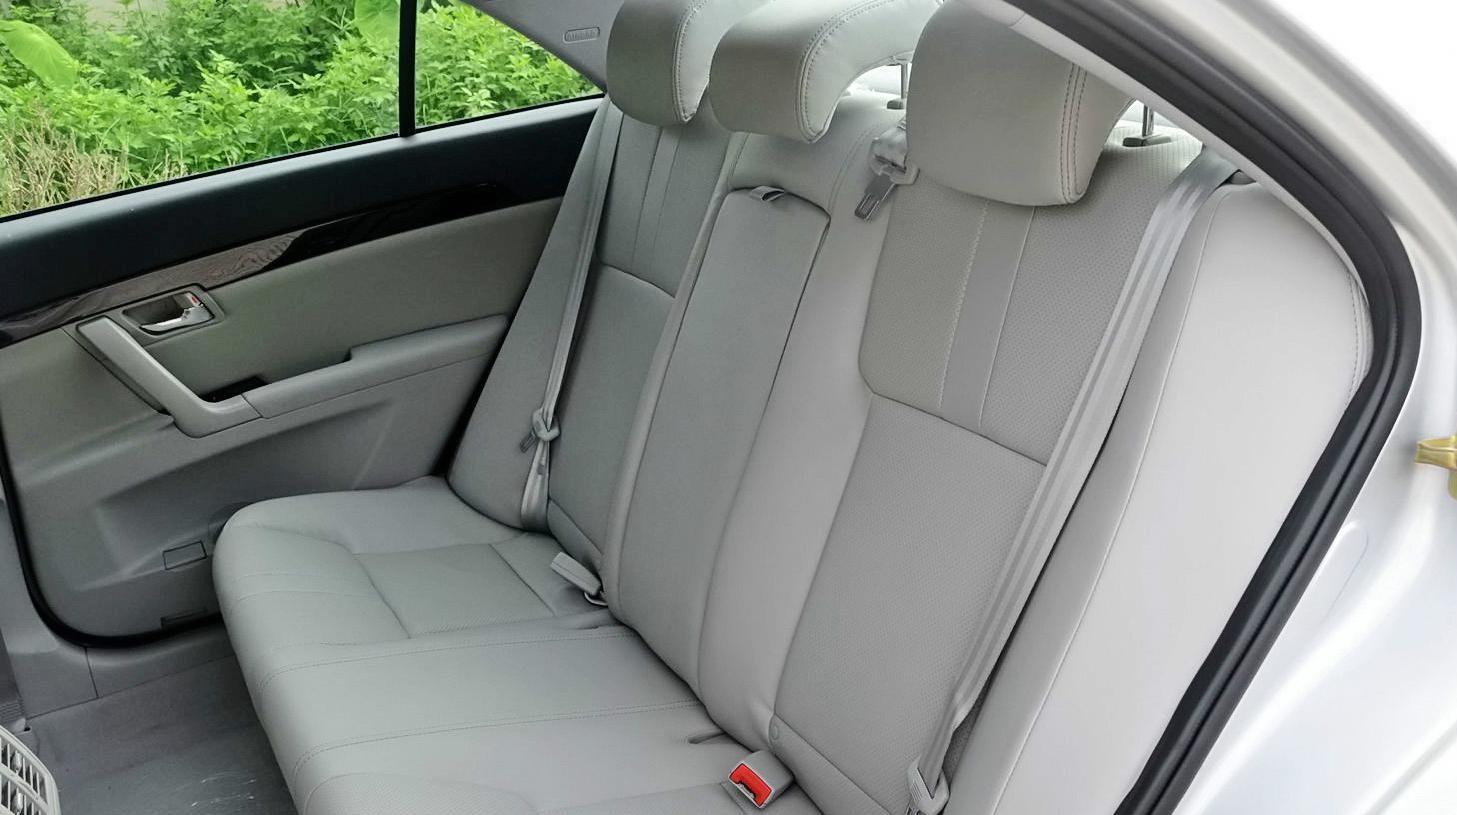 说一说霸气十足的吉利EC8,外观造型很炫酷,比较耐看的一款车